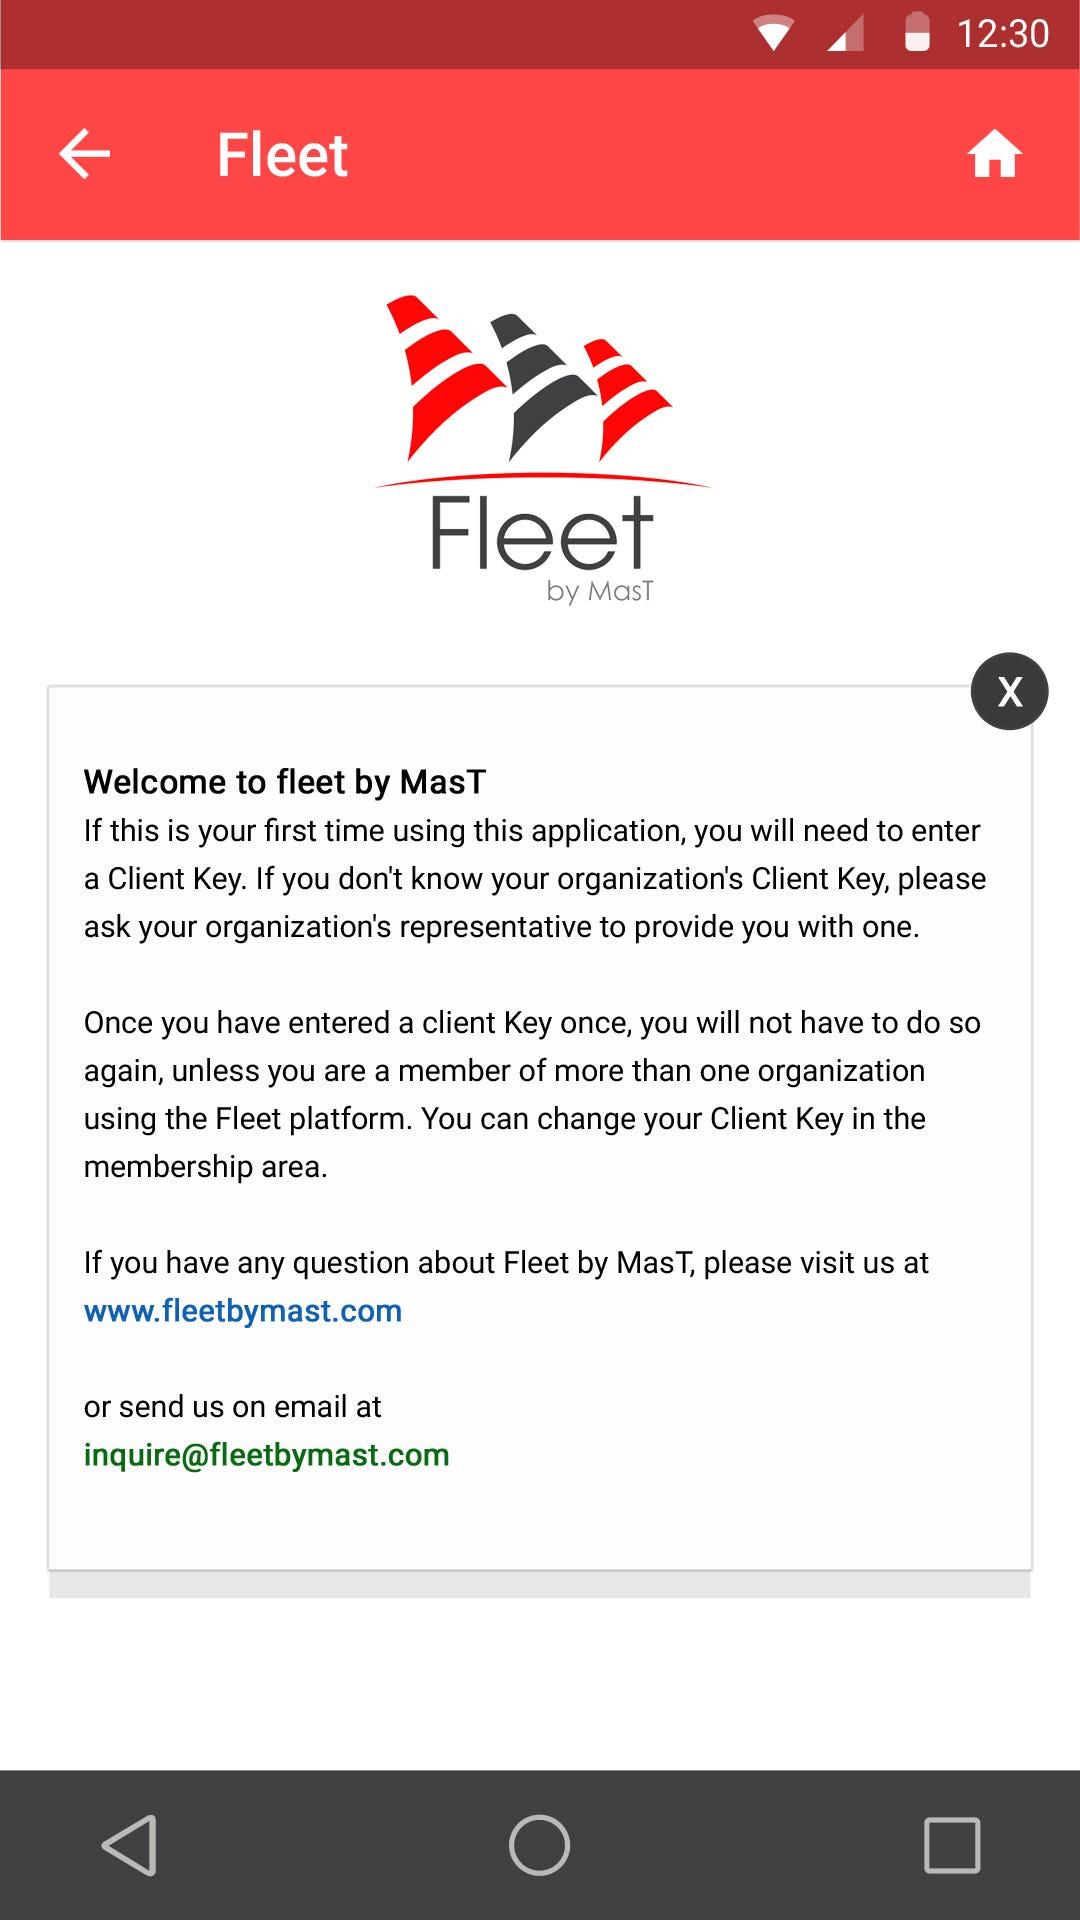 Fleet Mobile App